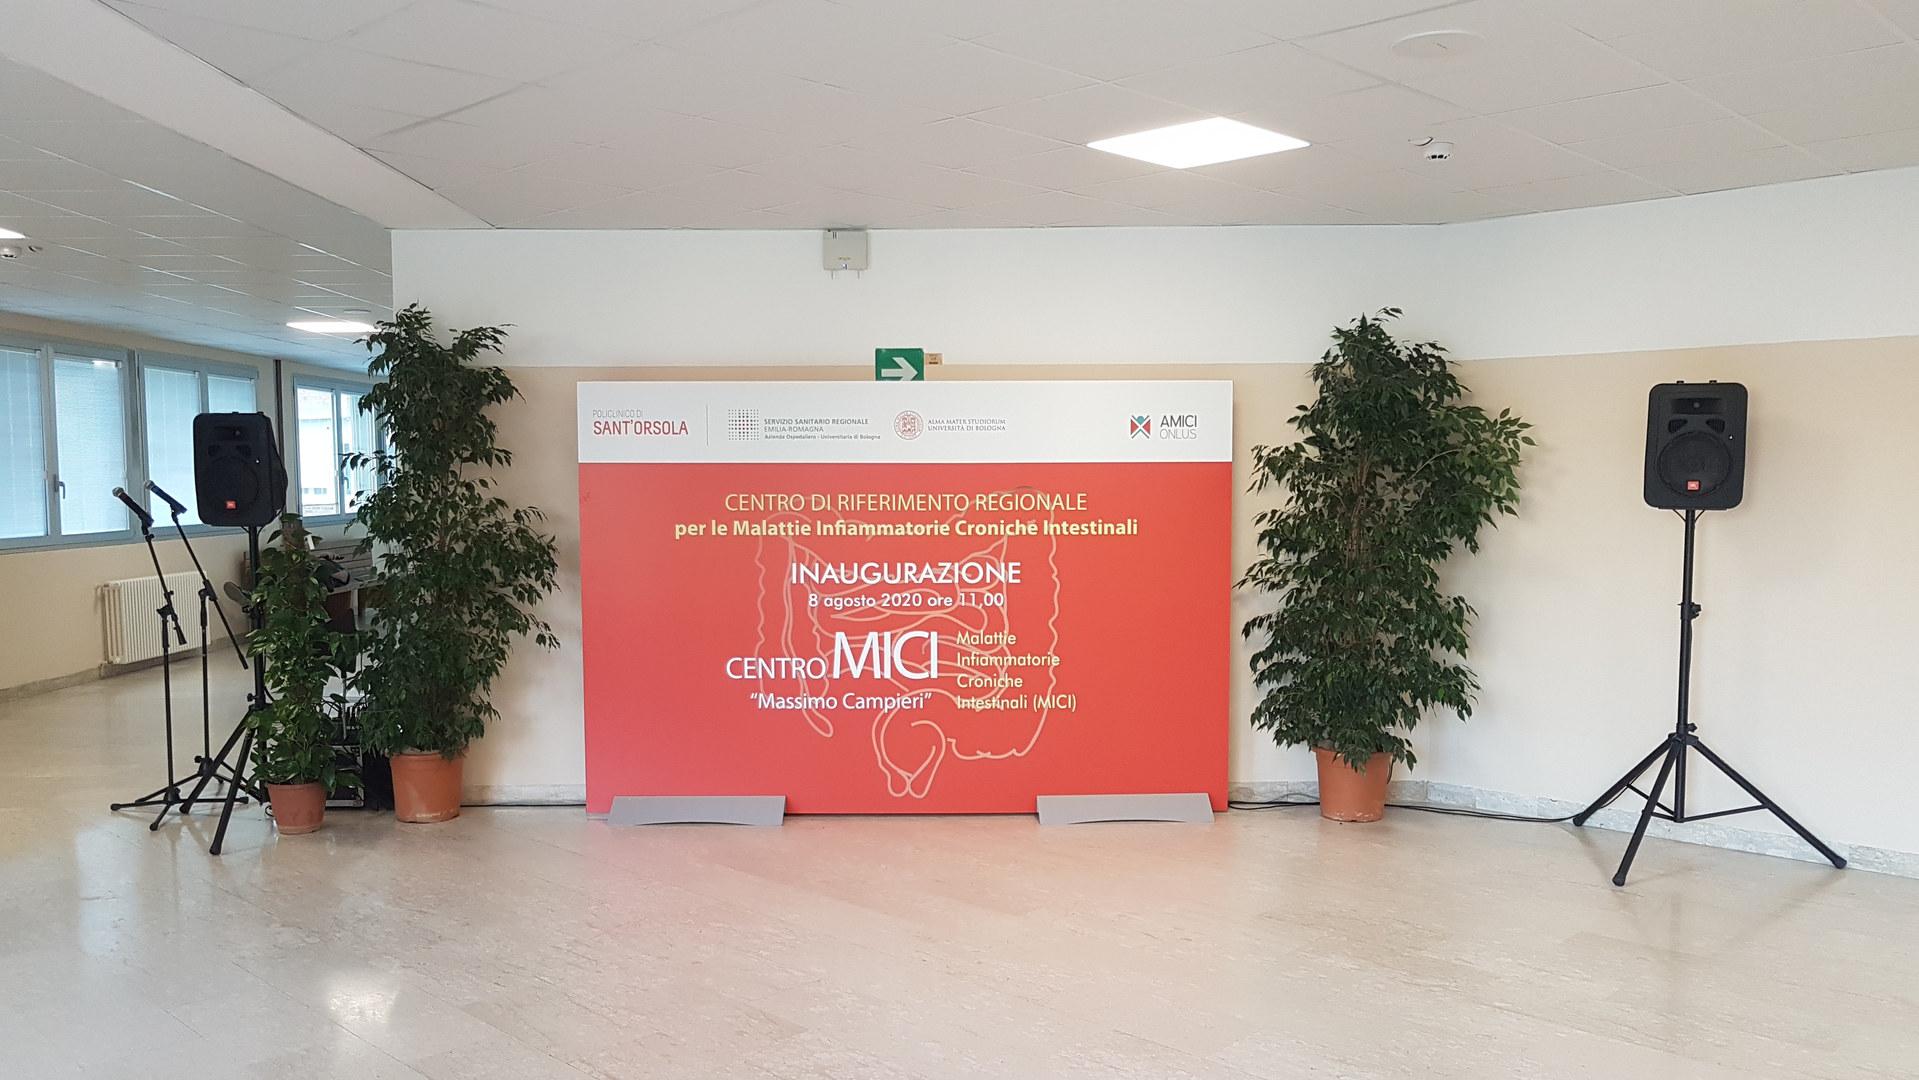 INAUGURAZIONE CENTRO MICI S.ORSOLA